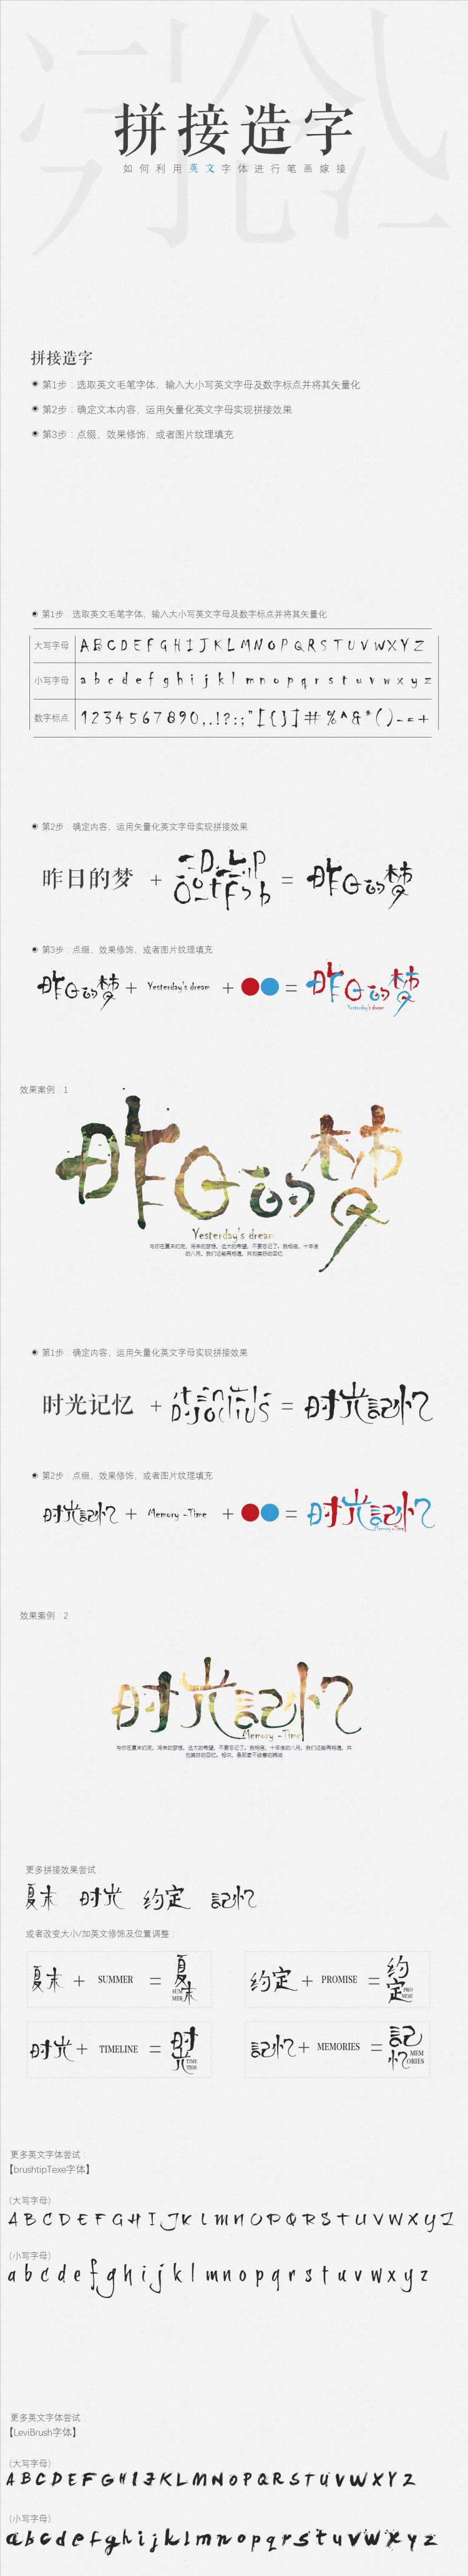 字体设计:用英文字体拼接造字